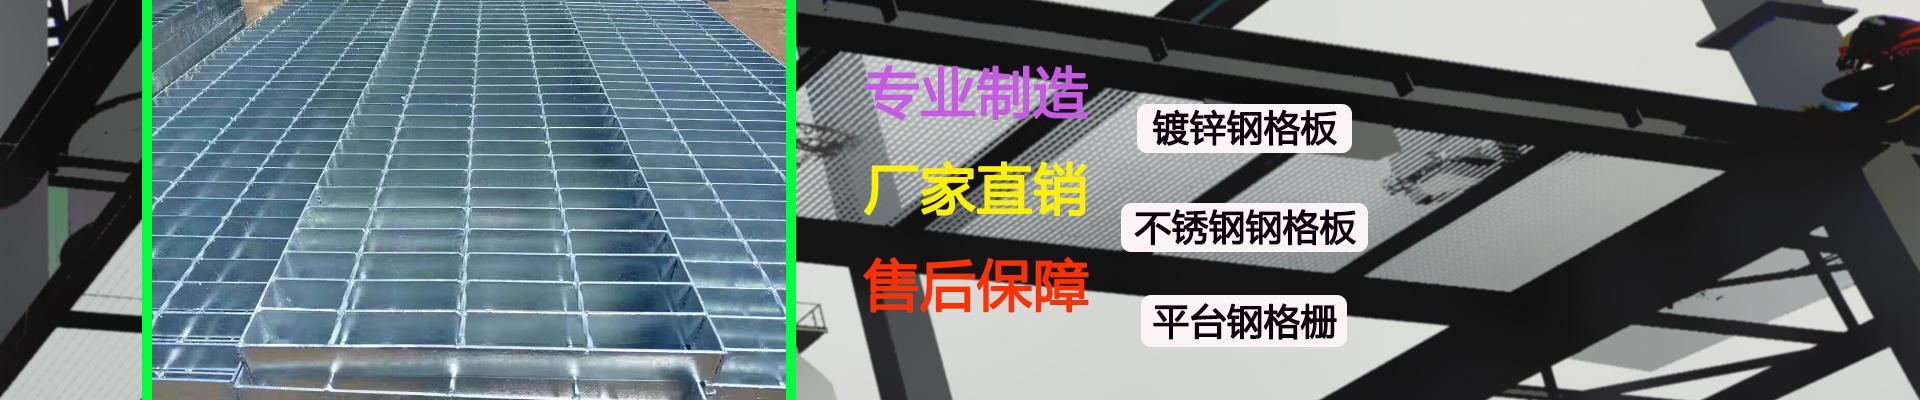 河北宝旭丝网制品有限公司